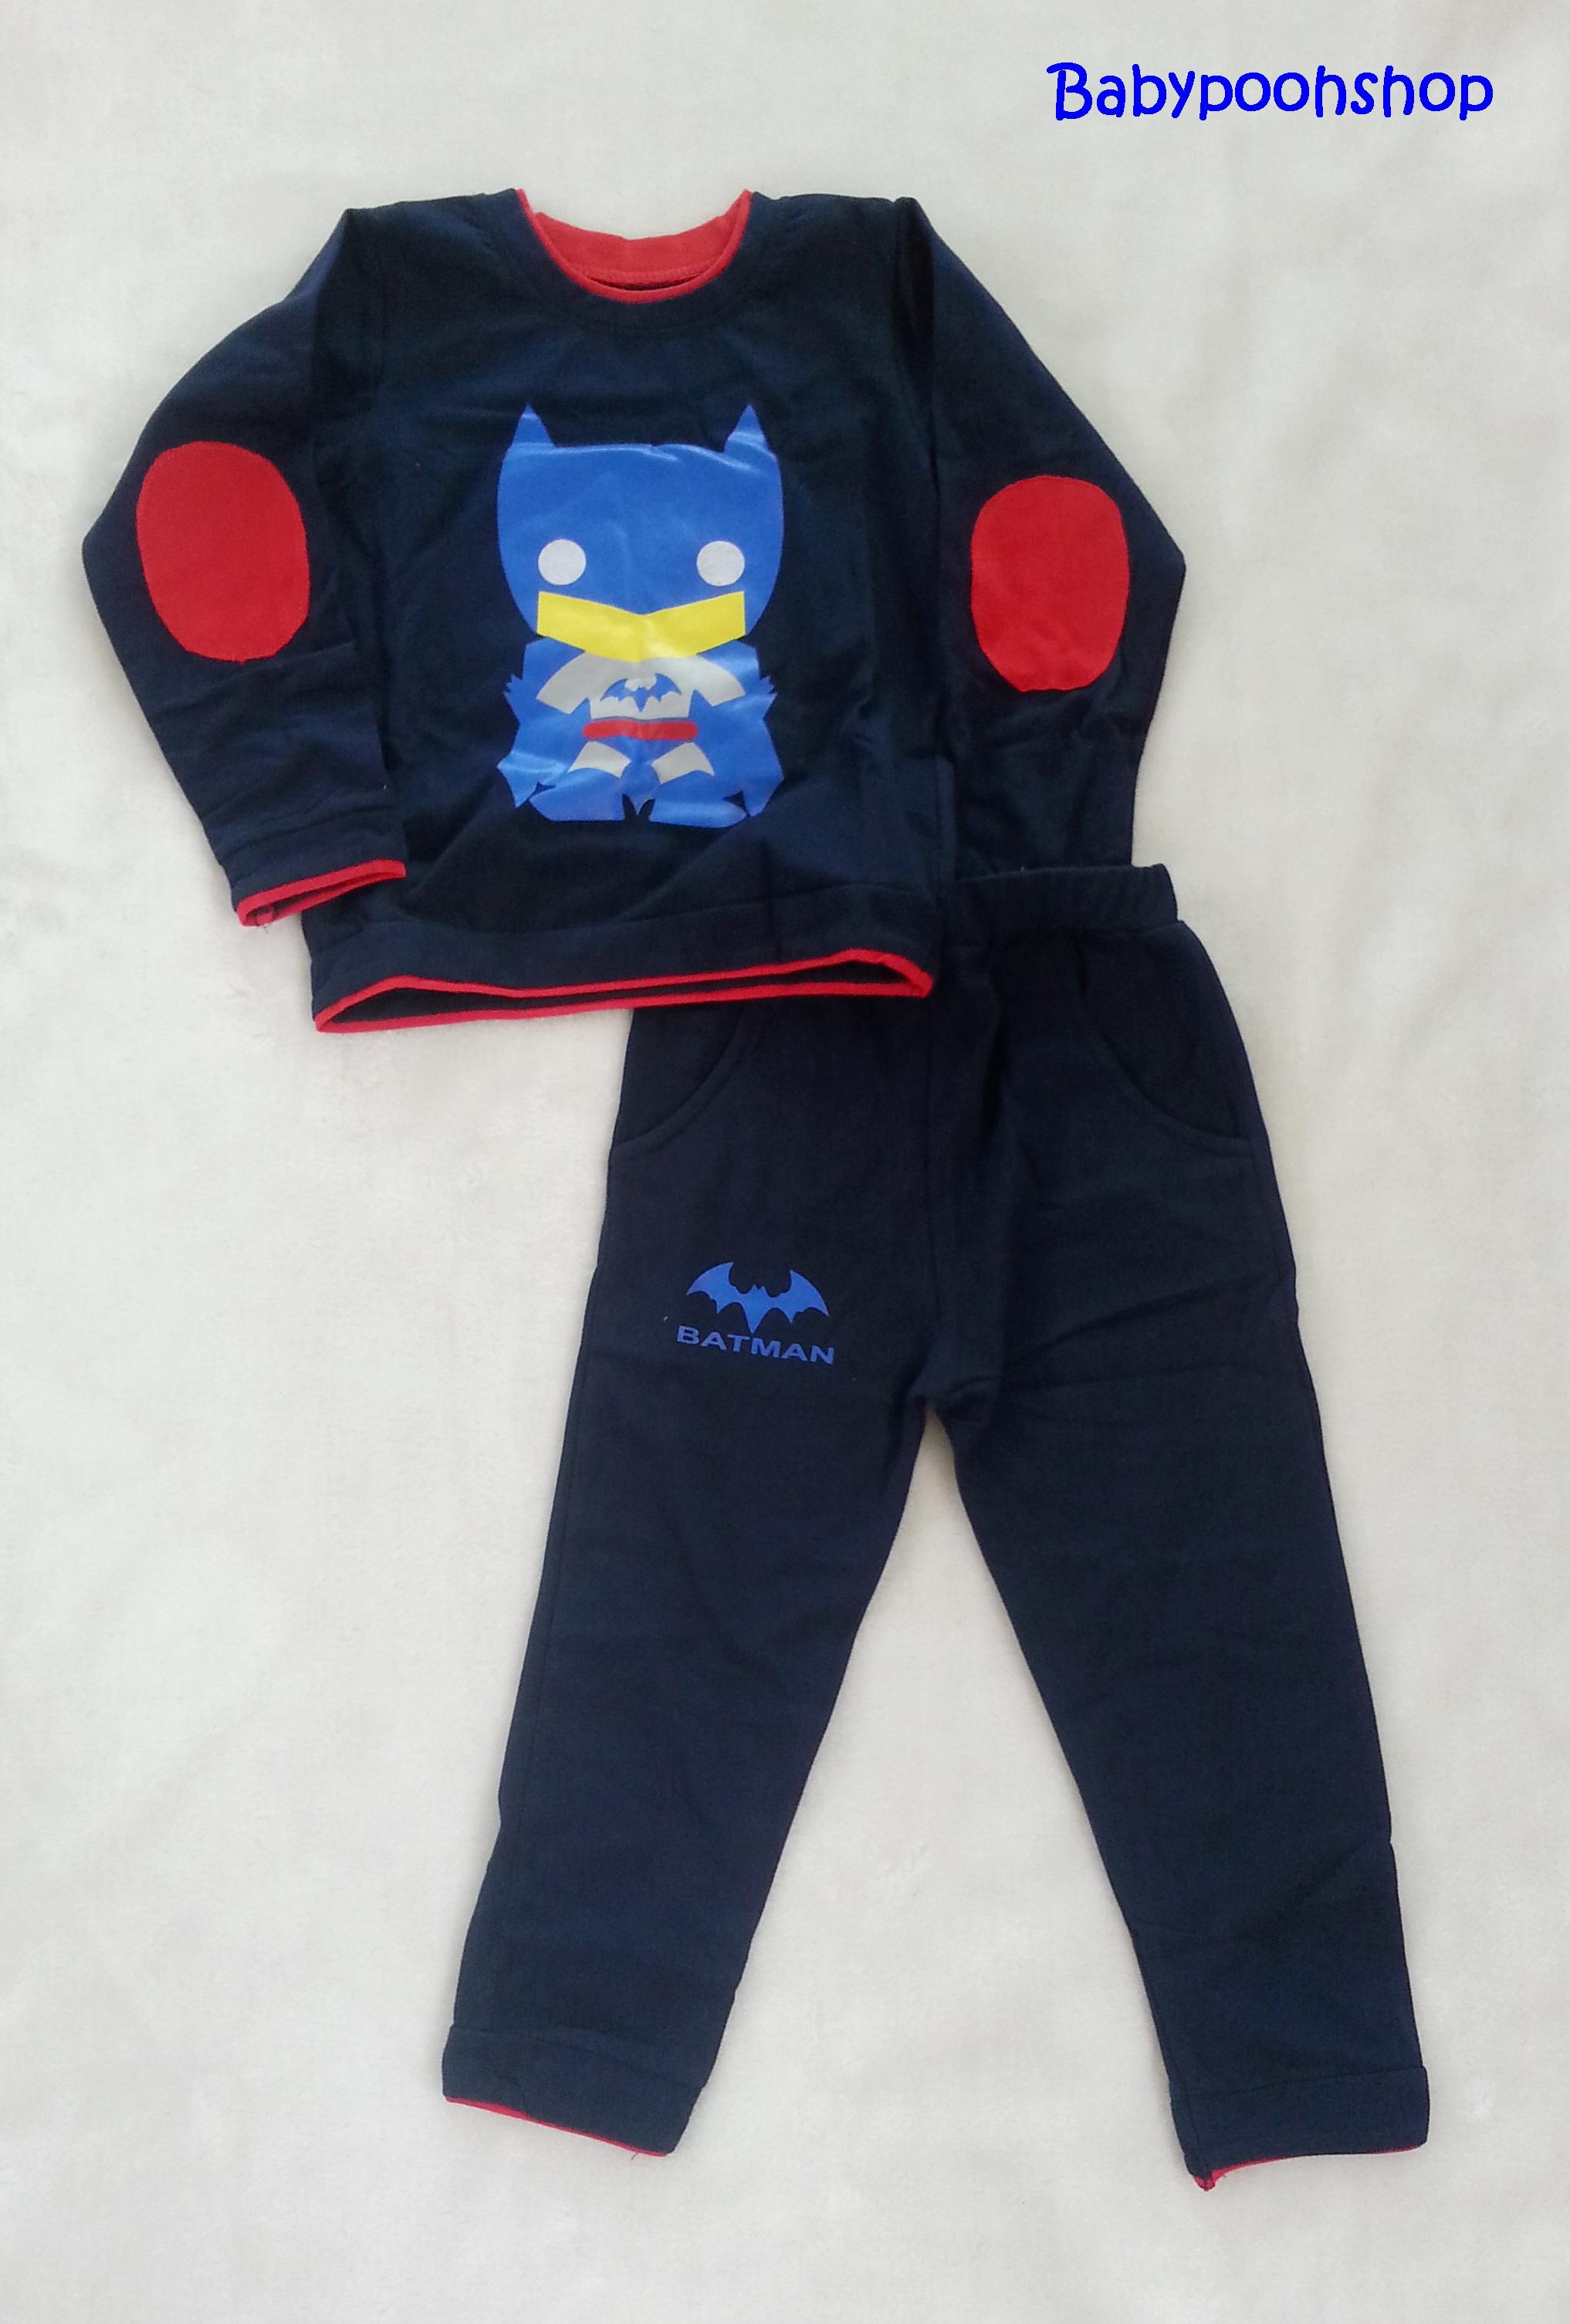 Set เสื้อแขนยาว + กางเกงขายาว สกรีนลาย Batman สีกรม size 1y / 2y / 5y